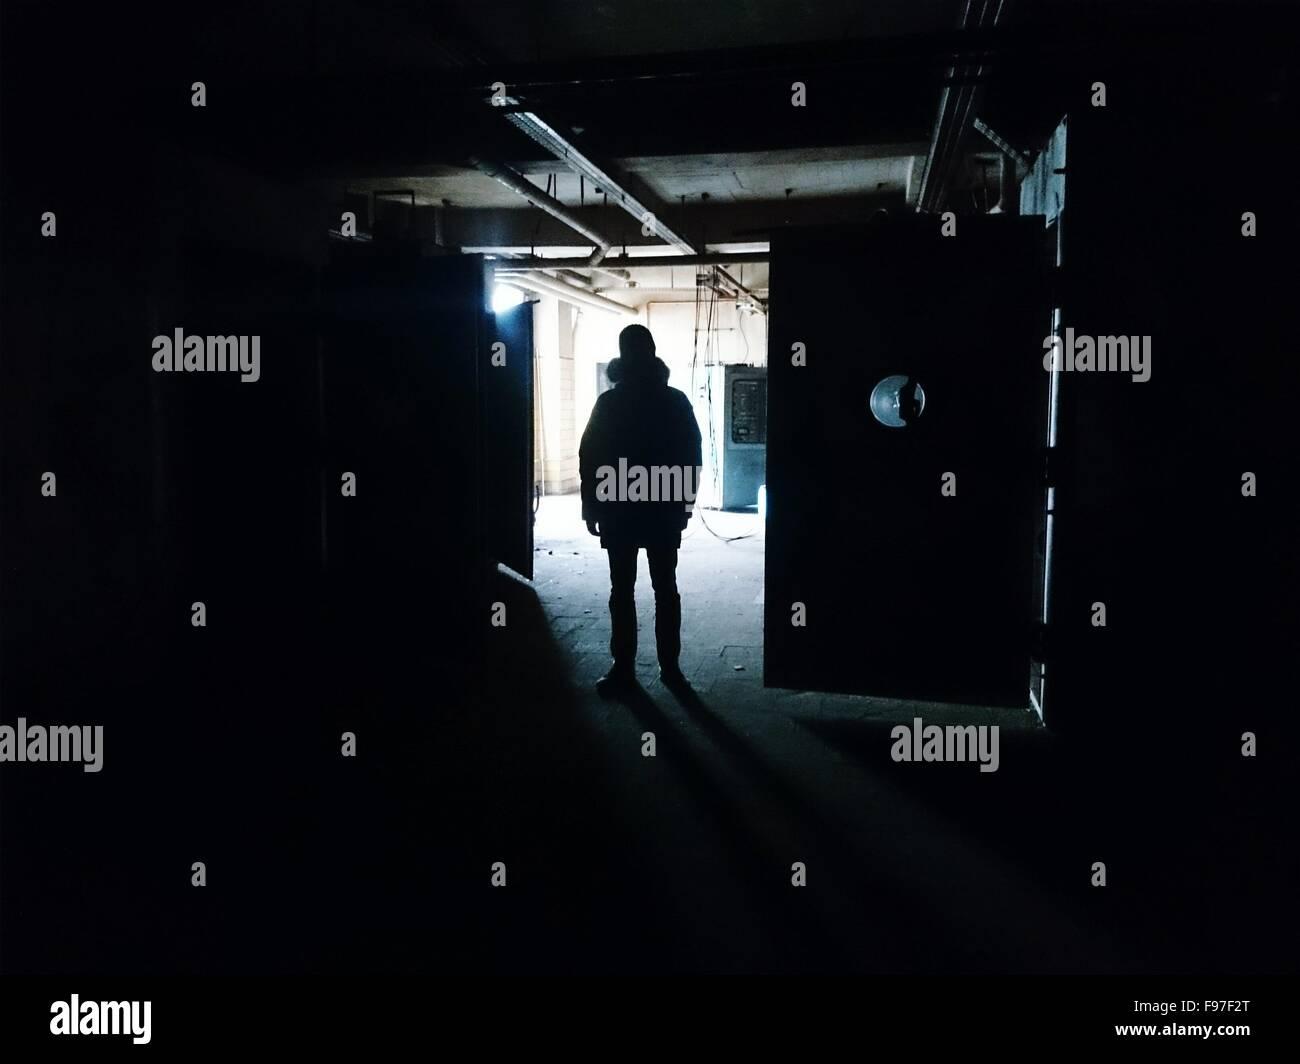 Silhouette di un uomo in piedi in edificio scuro Immagini Stock